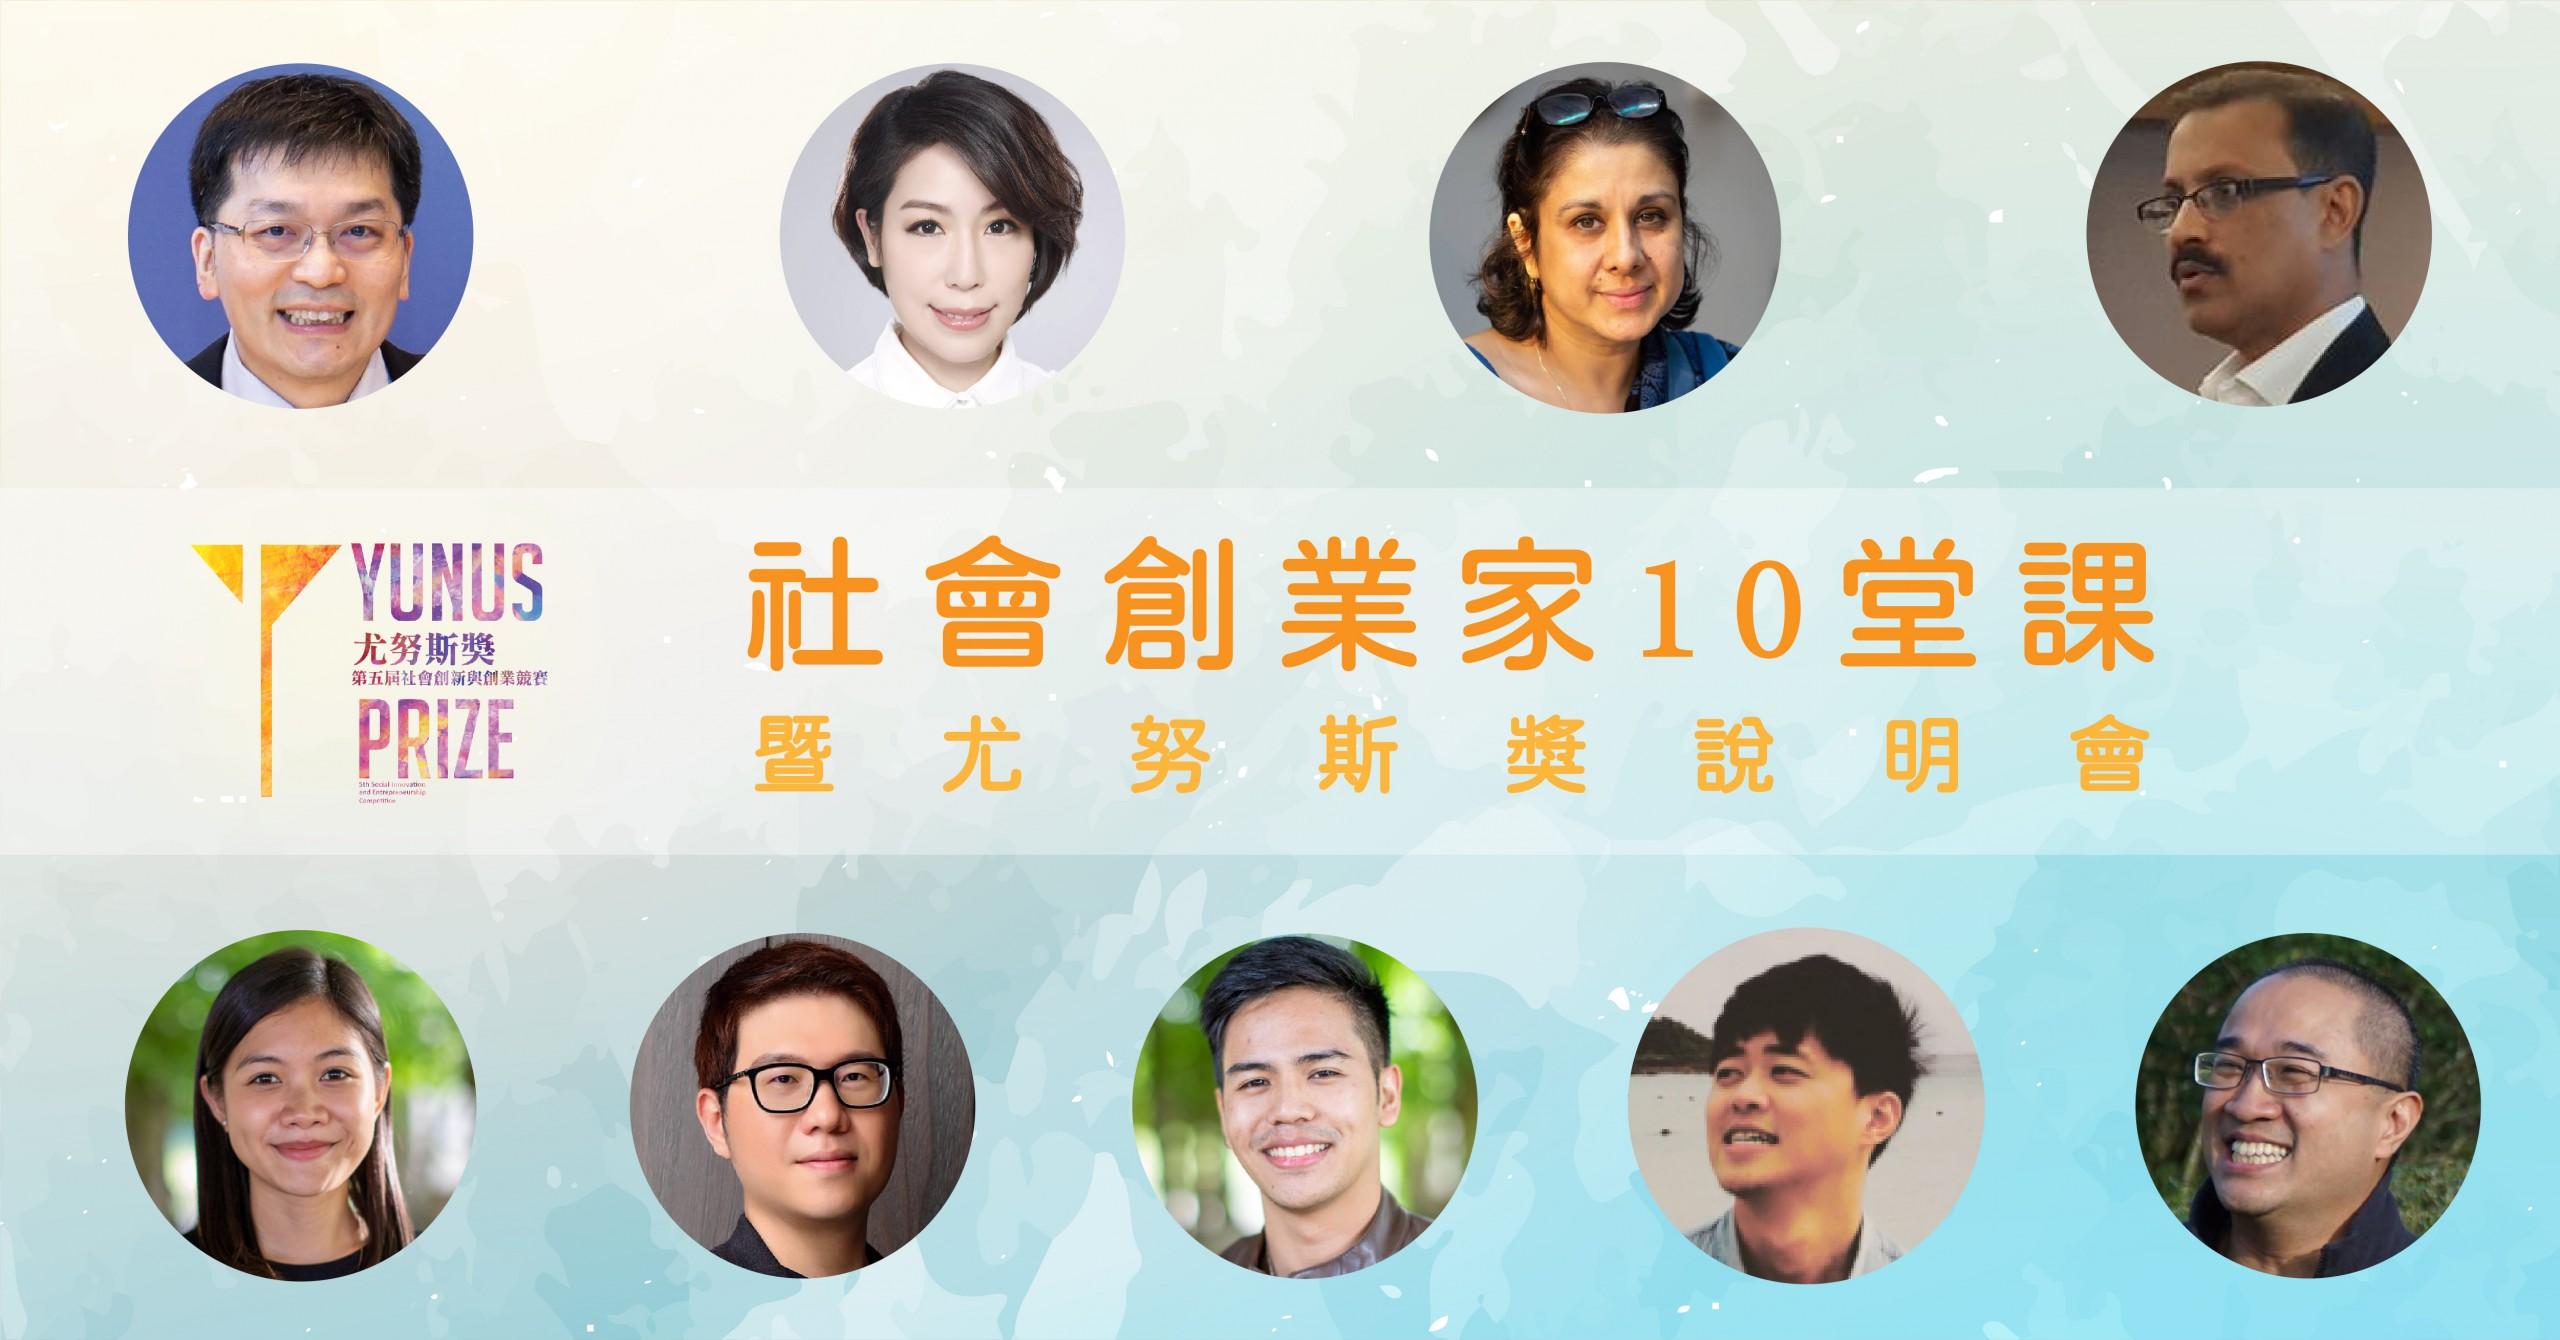 【社會創業家10堂課】暨尤努斯獎競賽說明會